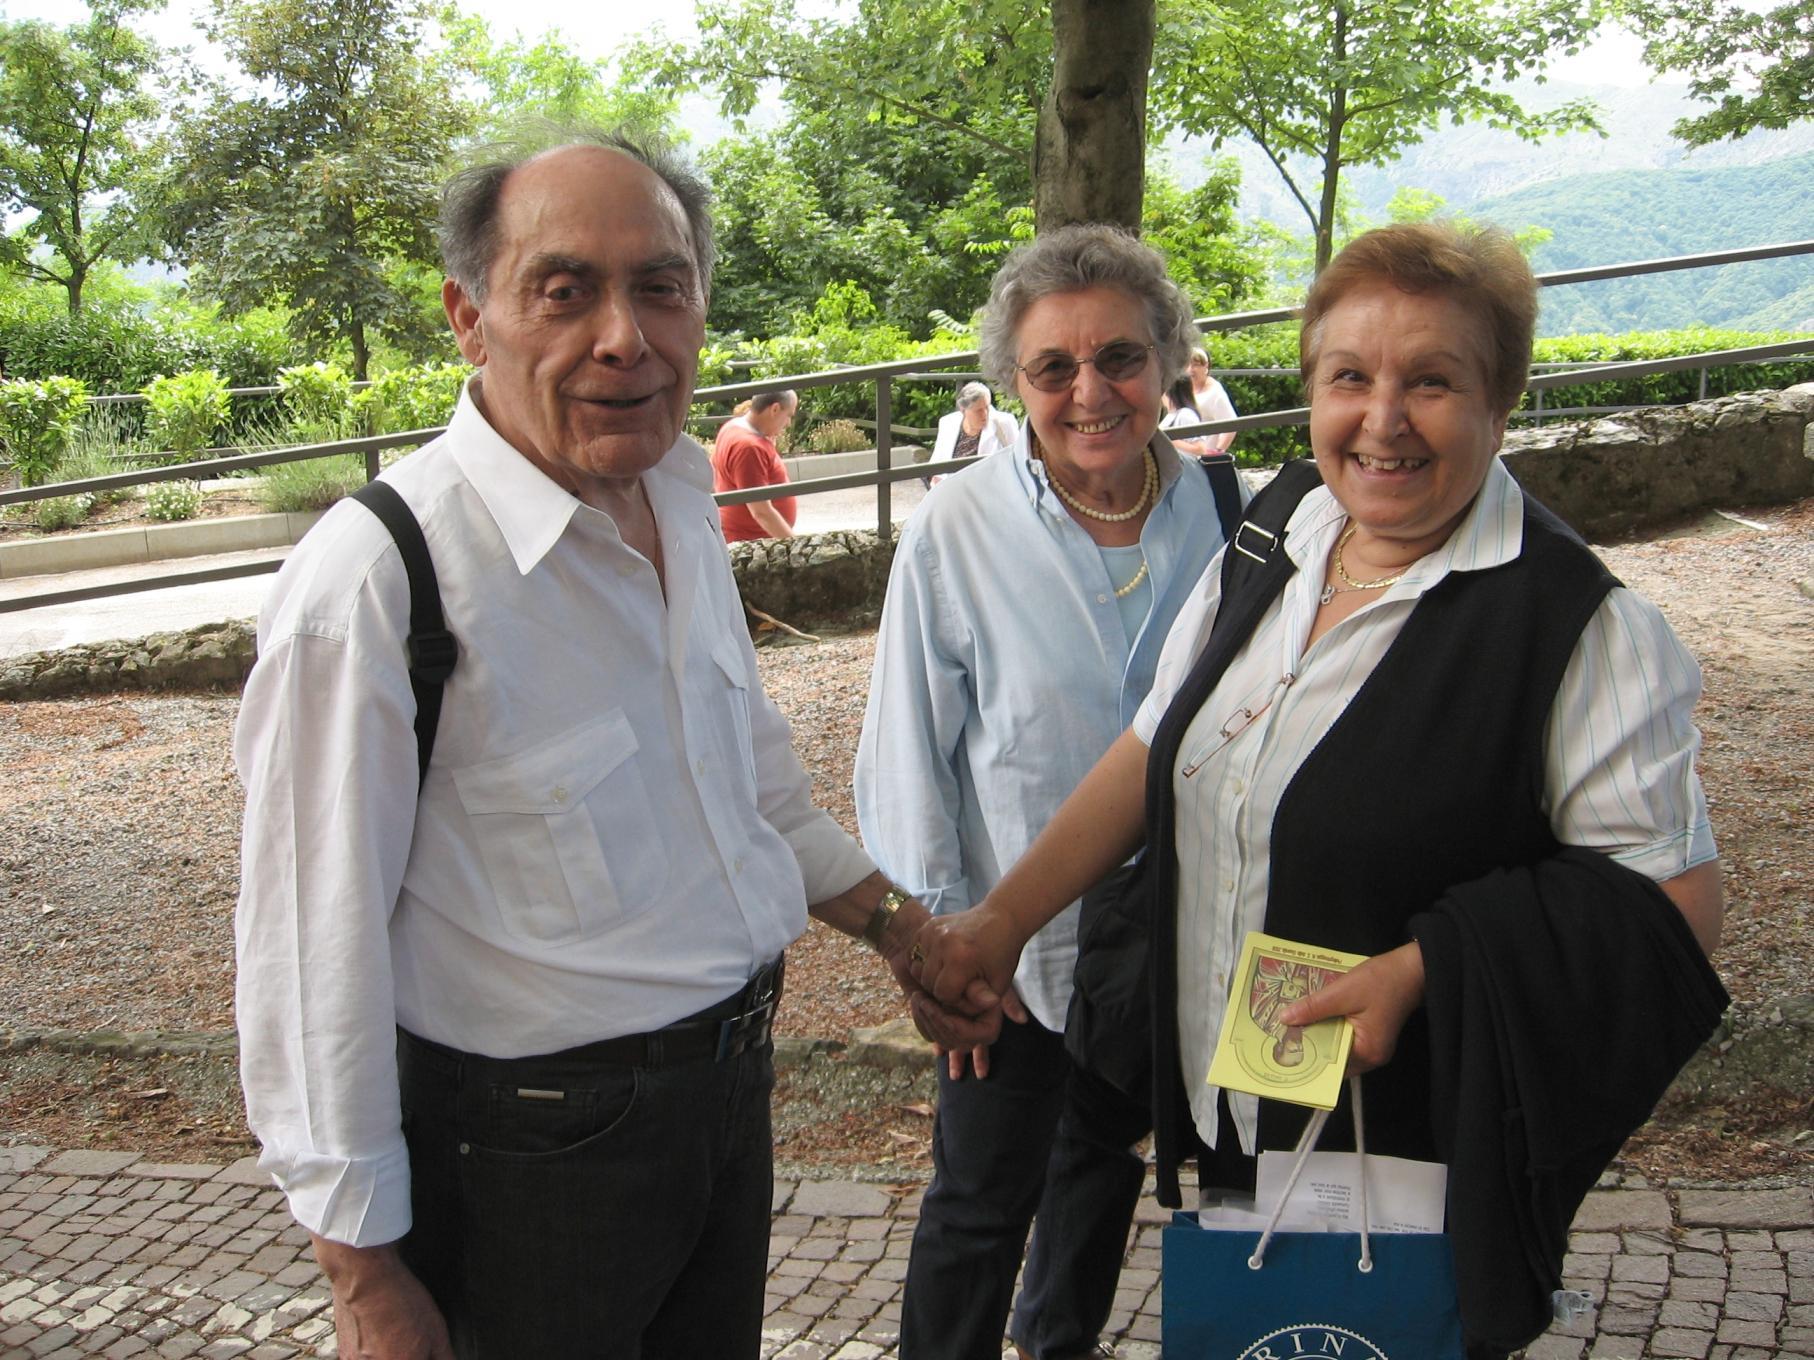 Pellegrinaggio_Vicariale_Guardia-2009-06-20--16.25.52